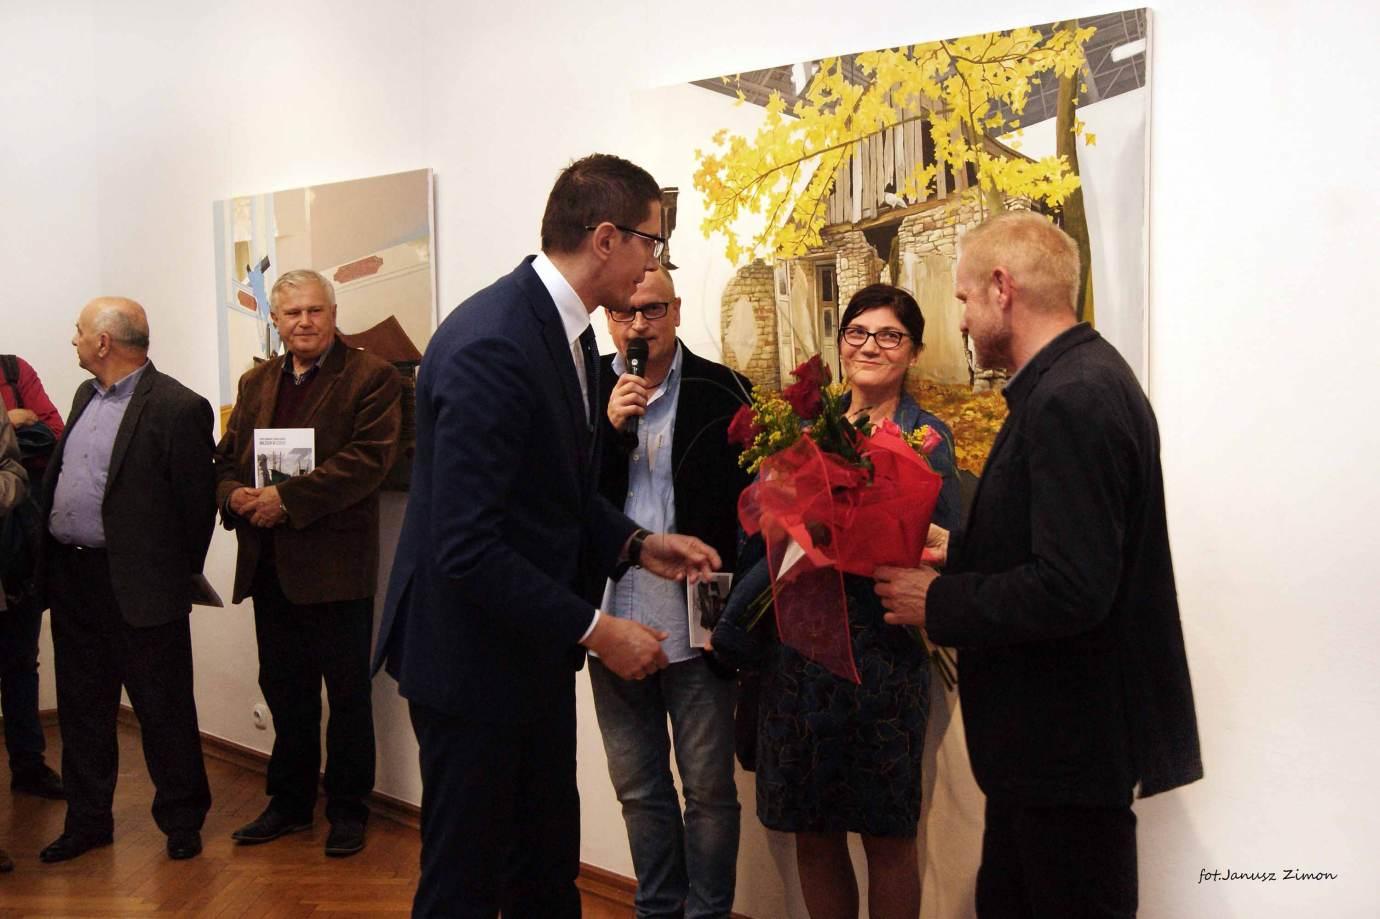 piotr tymochowicz bwa galeria zamojska fot janusz zimon 10 Zamość: Wernisaż wystawy Piotra Tymochowicza